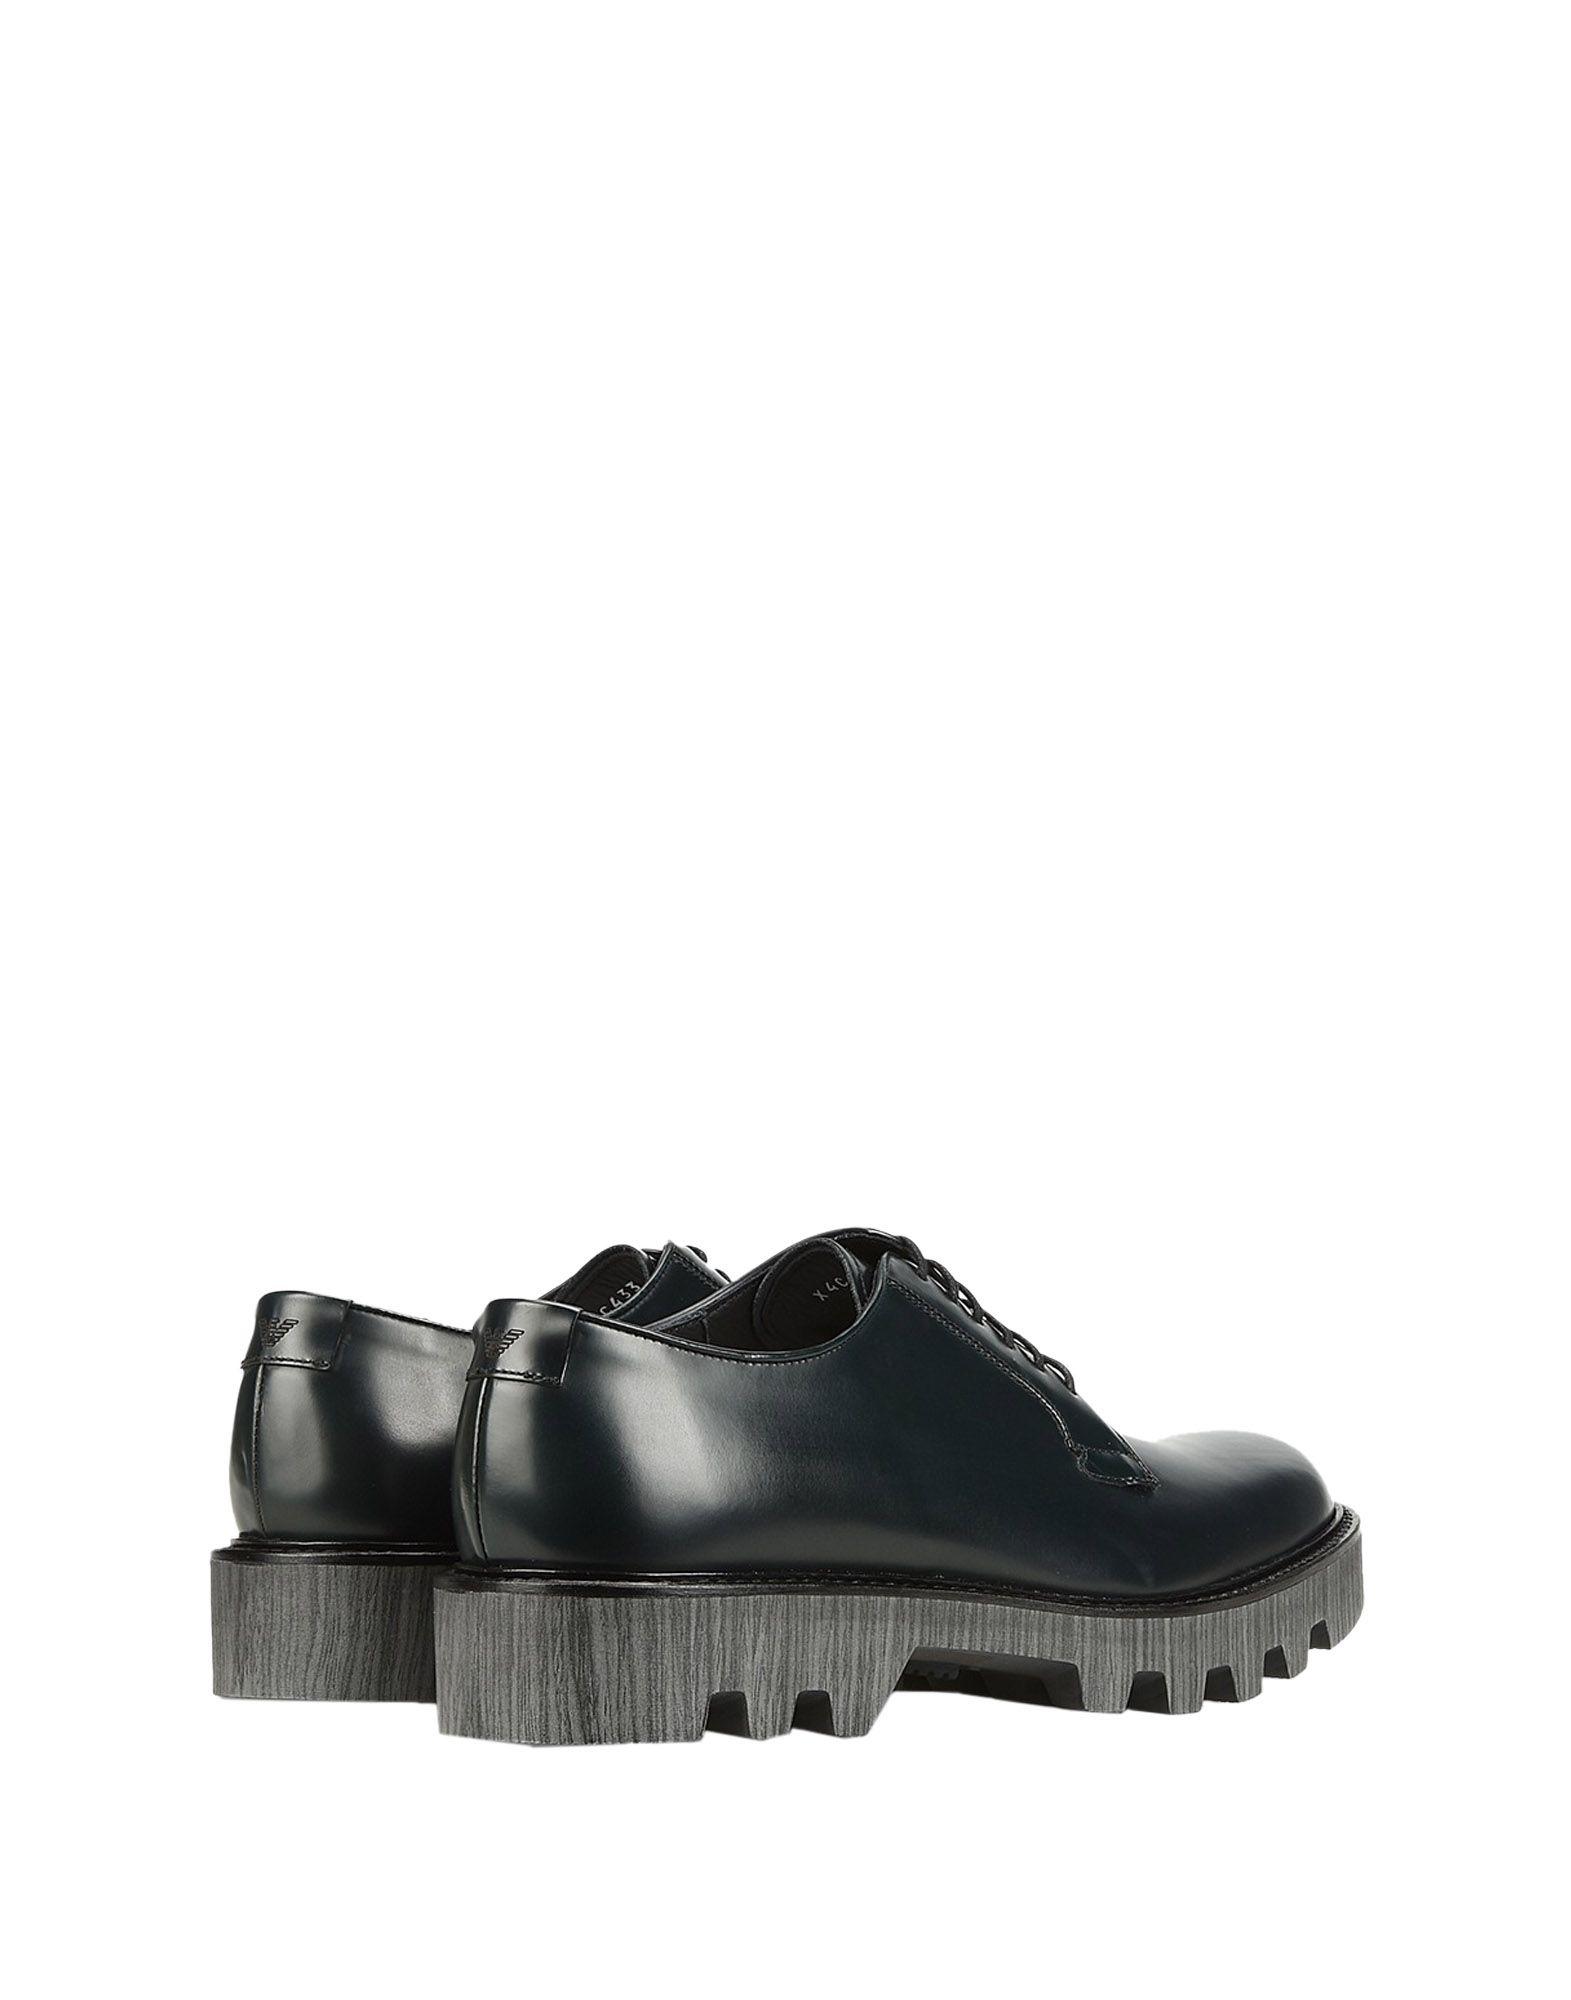 Chaussures - Tribunaux Federica Stella 02tY2r